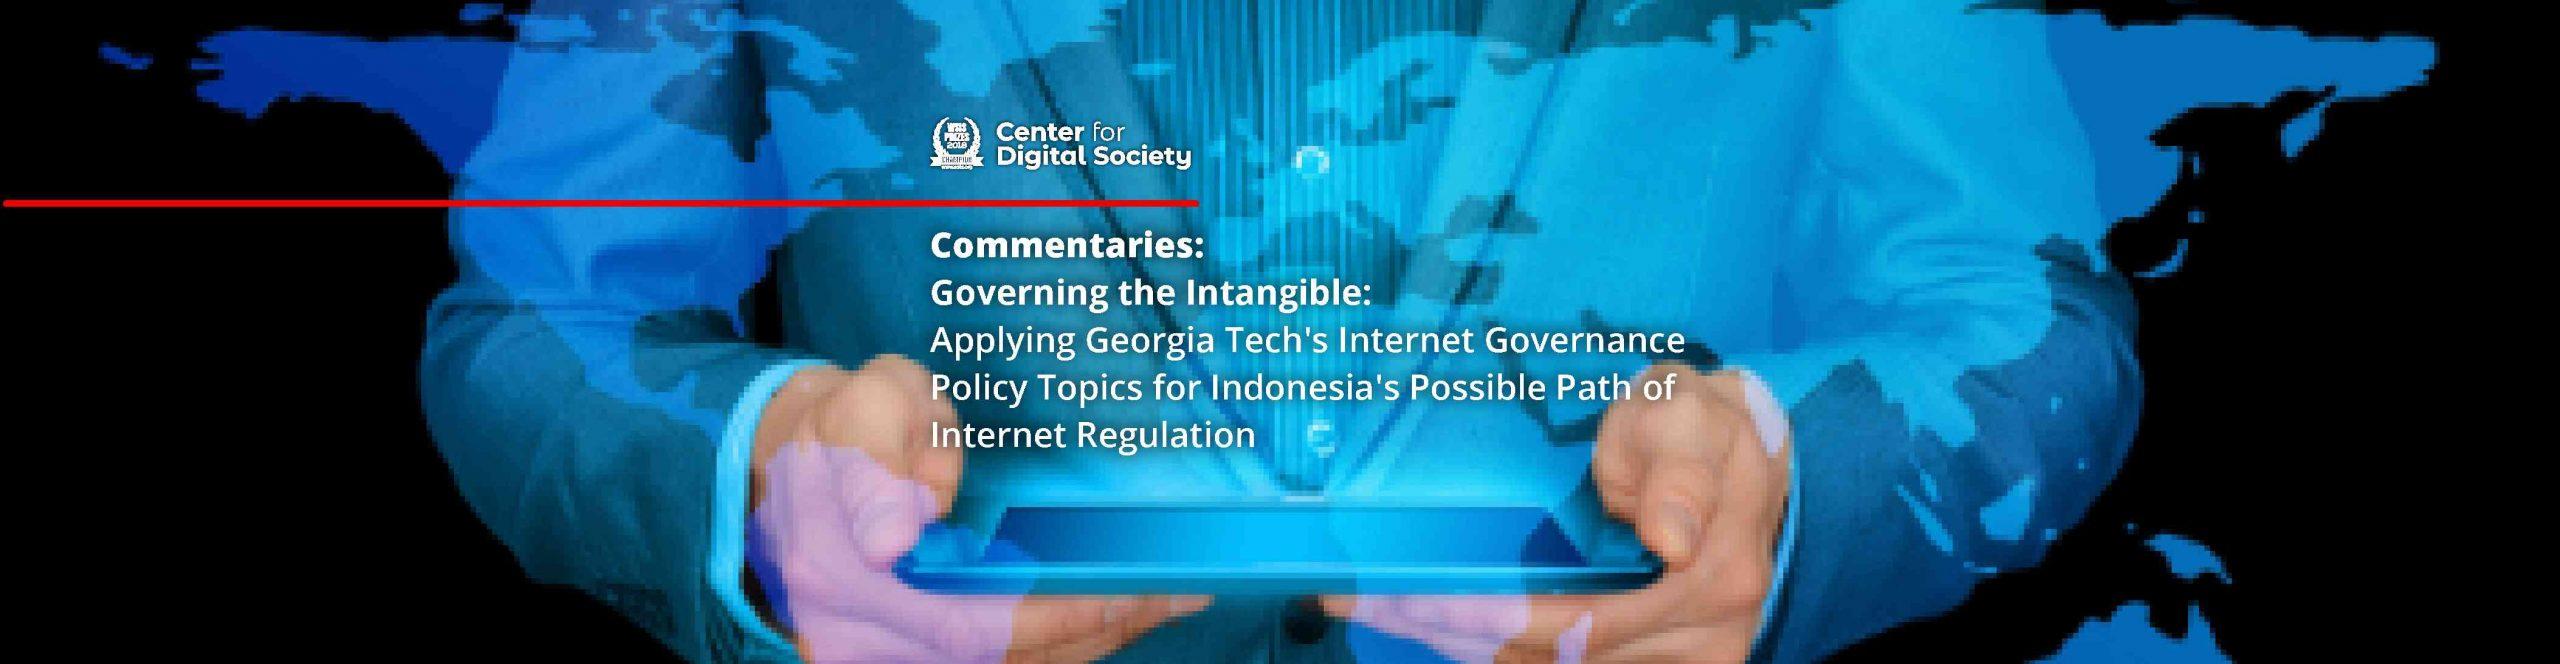 Mengelola yang Maya: Pengaplikasian Topik-topik Kebijakan Internet Governance Georgia Tech sebagai Langkah Potensial Regulasi Internet di Indonesia